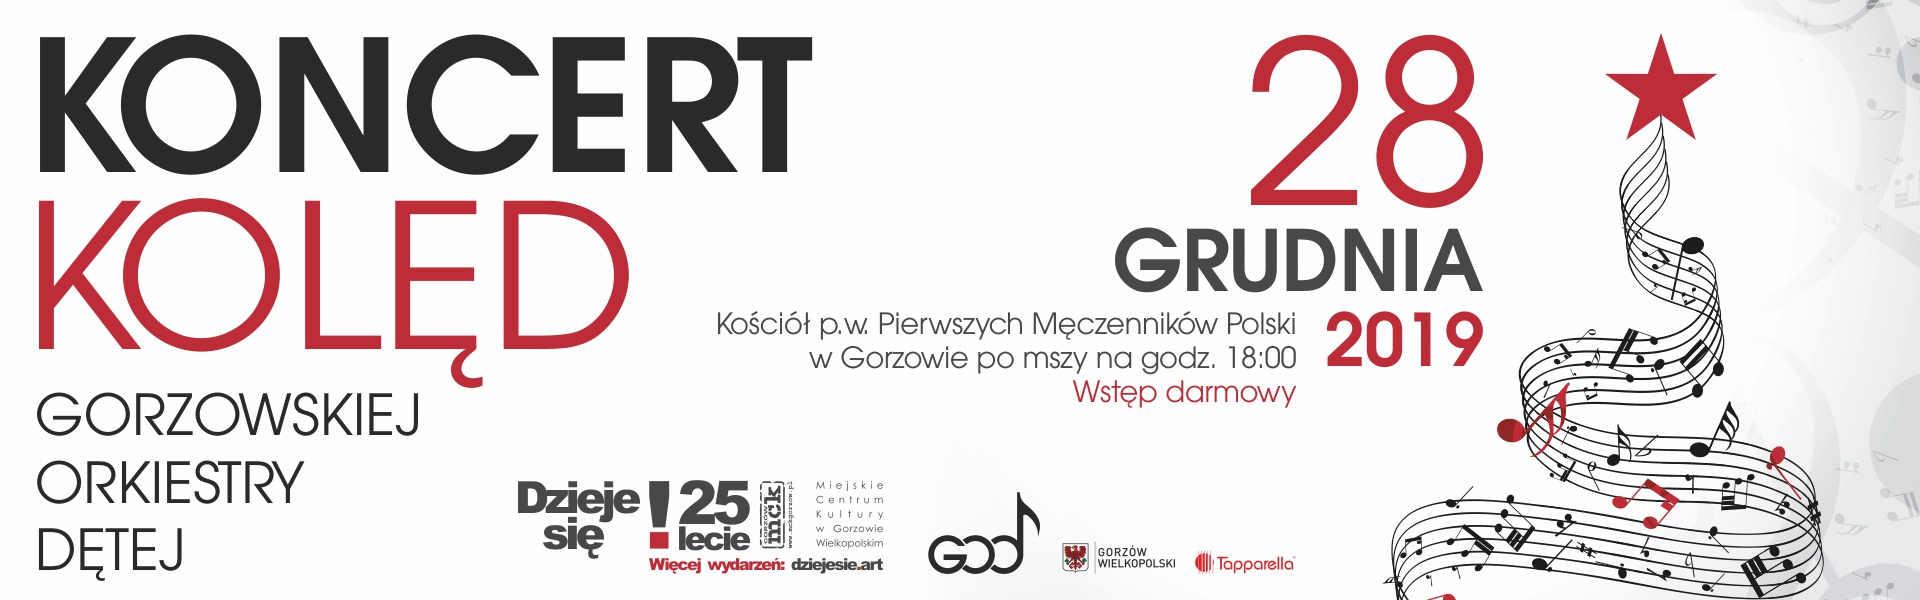 Koncert Kolęd Gorzowskiej Orkiestry Dętej